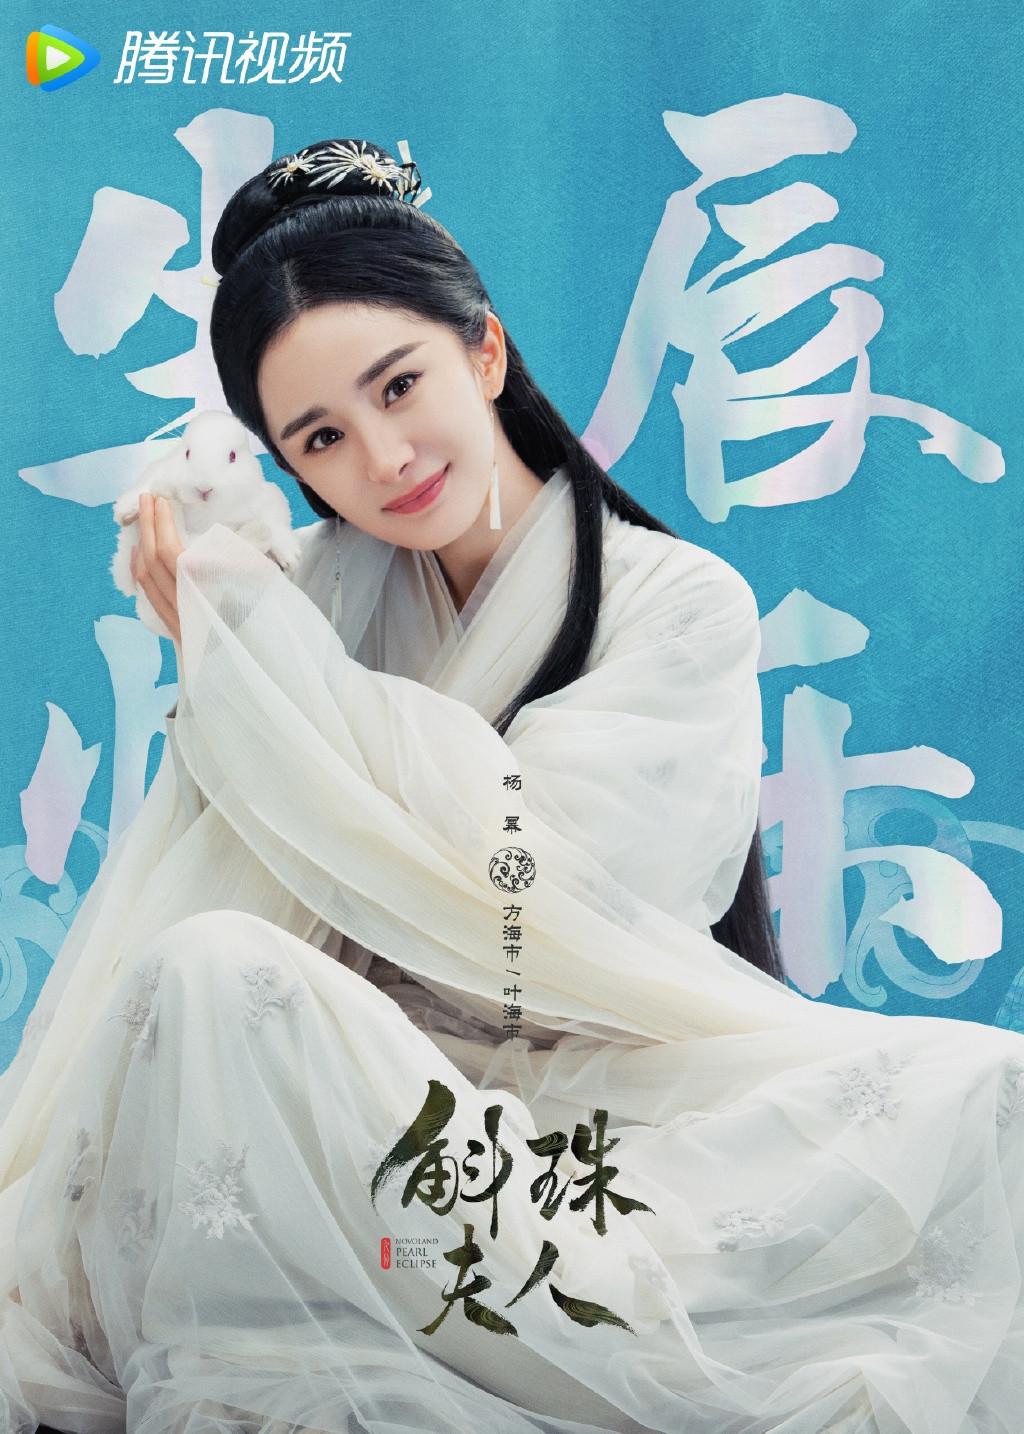 'Hộc Châu Phu Nhân' chuẩn bị lên sóng, liệu diễn xuất của Dương Mịch có gánh được Trần Vỹ Đình?